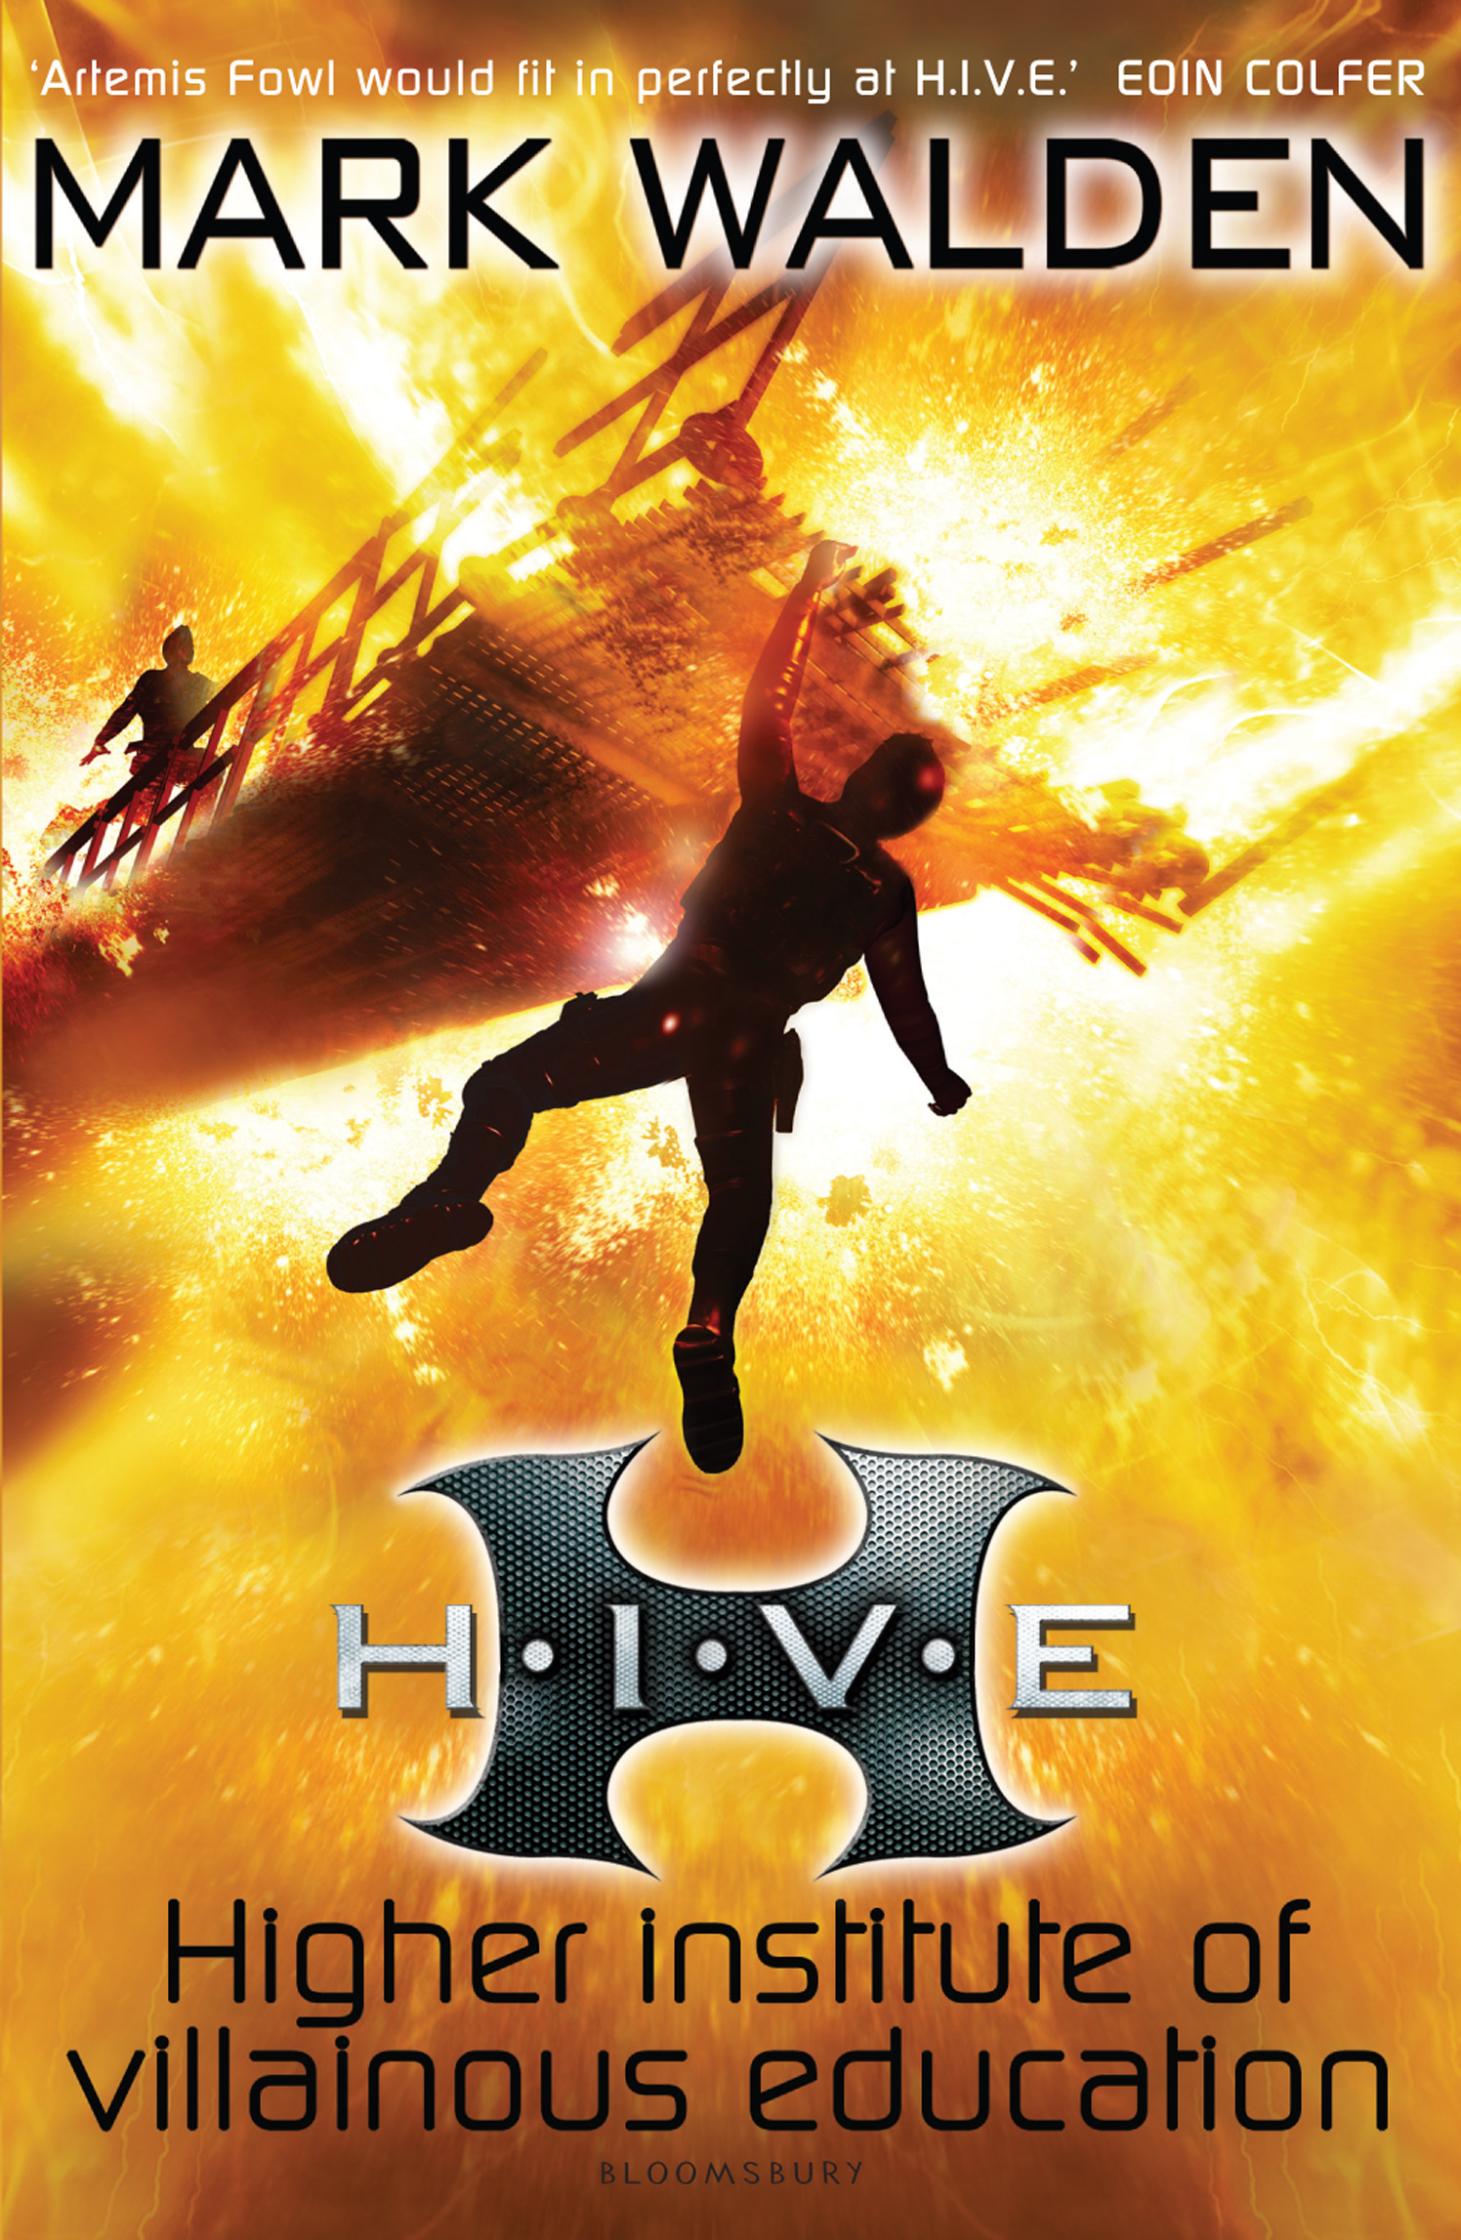 H.I.V.E - Higher institute of villainous education